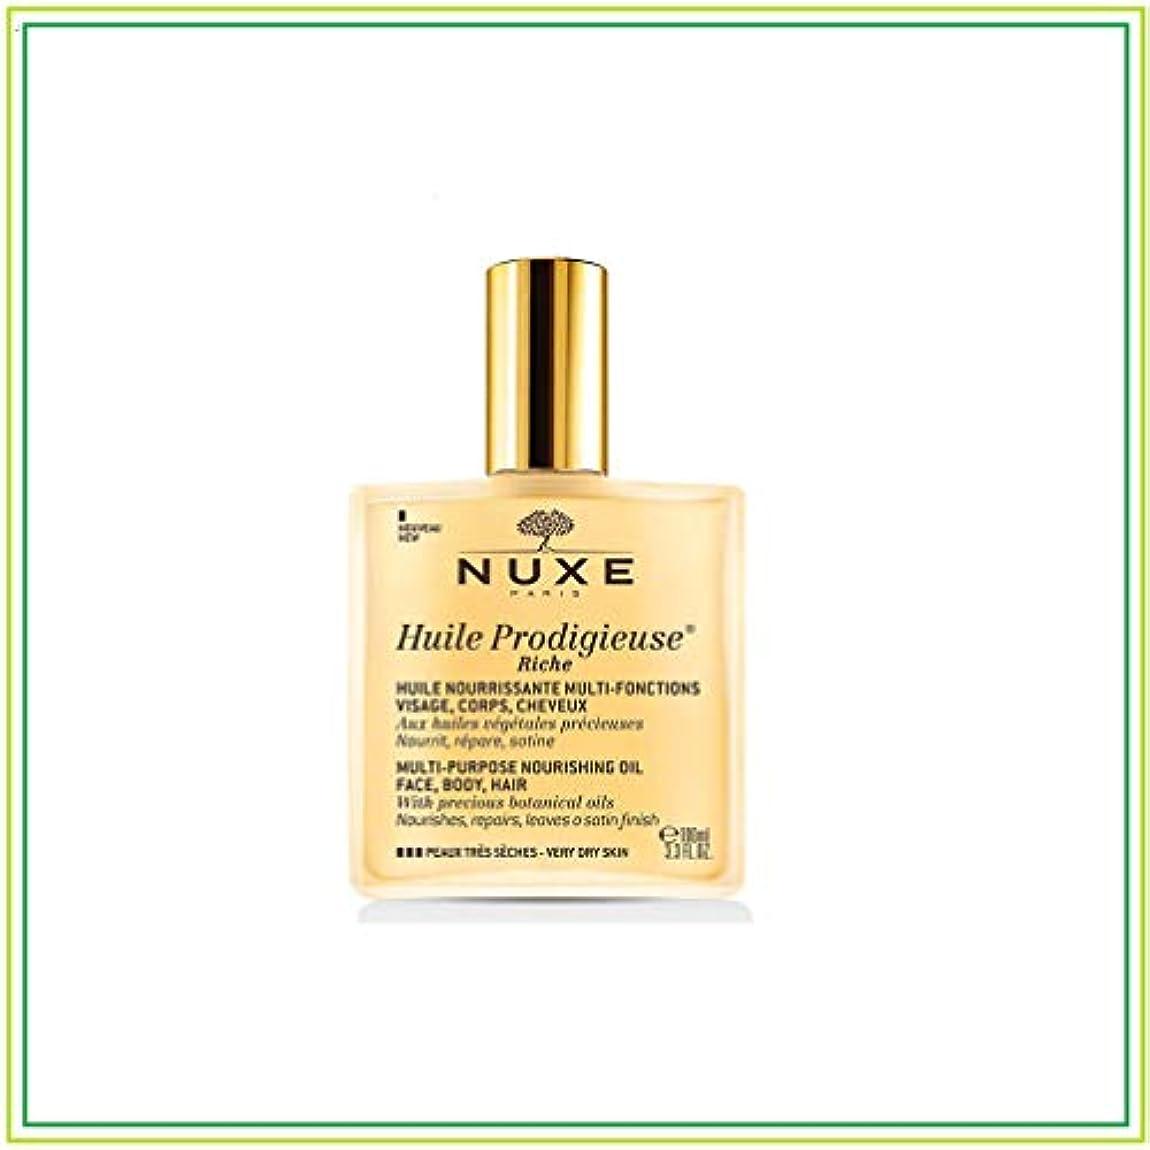 コンサルタント不屈差別ニュクス(NUXE) 数量限定 プロディジューオイル リッチ 100mL 国内正規品